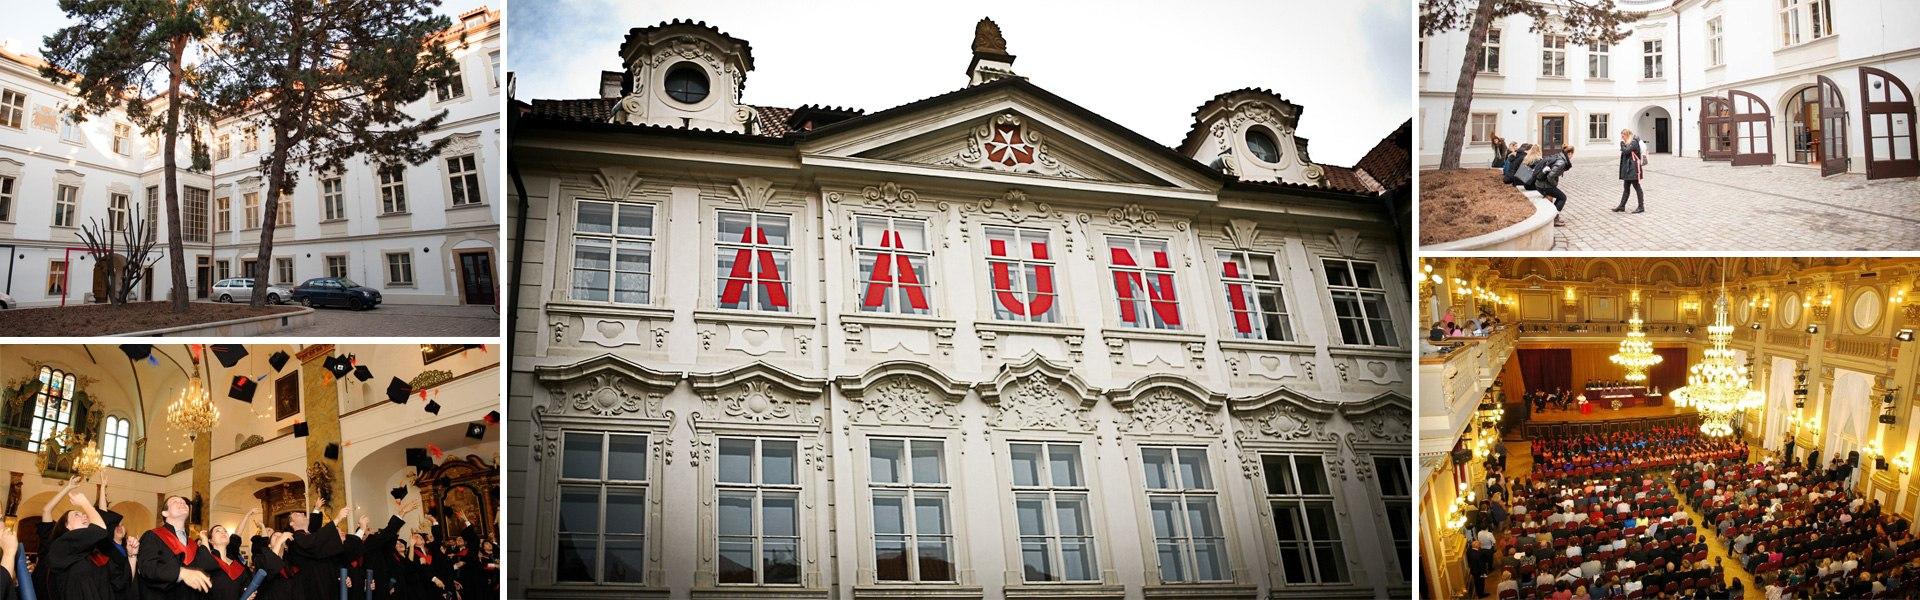 Англо-американский университет в Праге. Из первых уст.